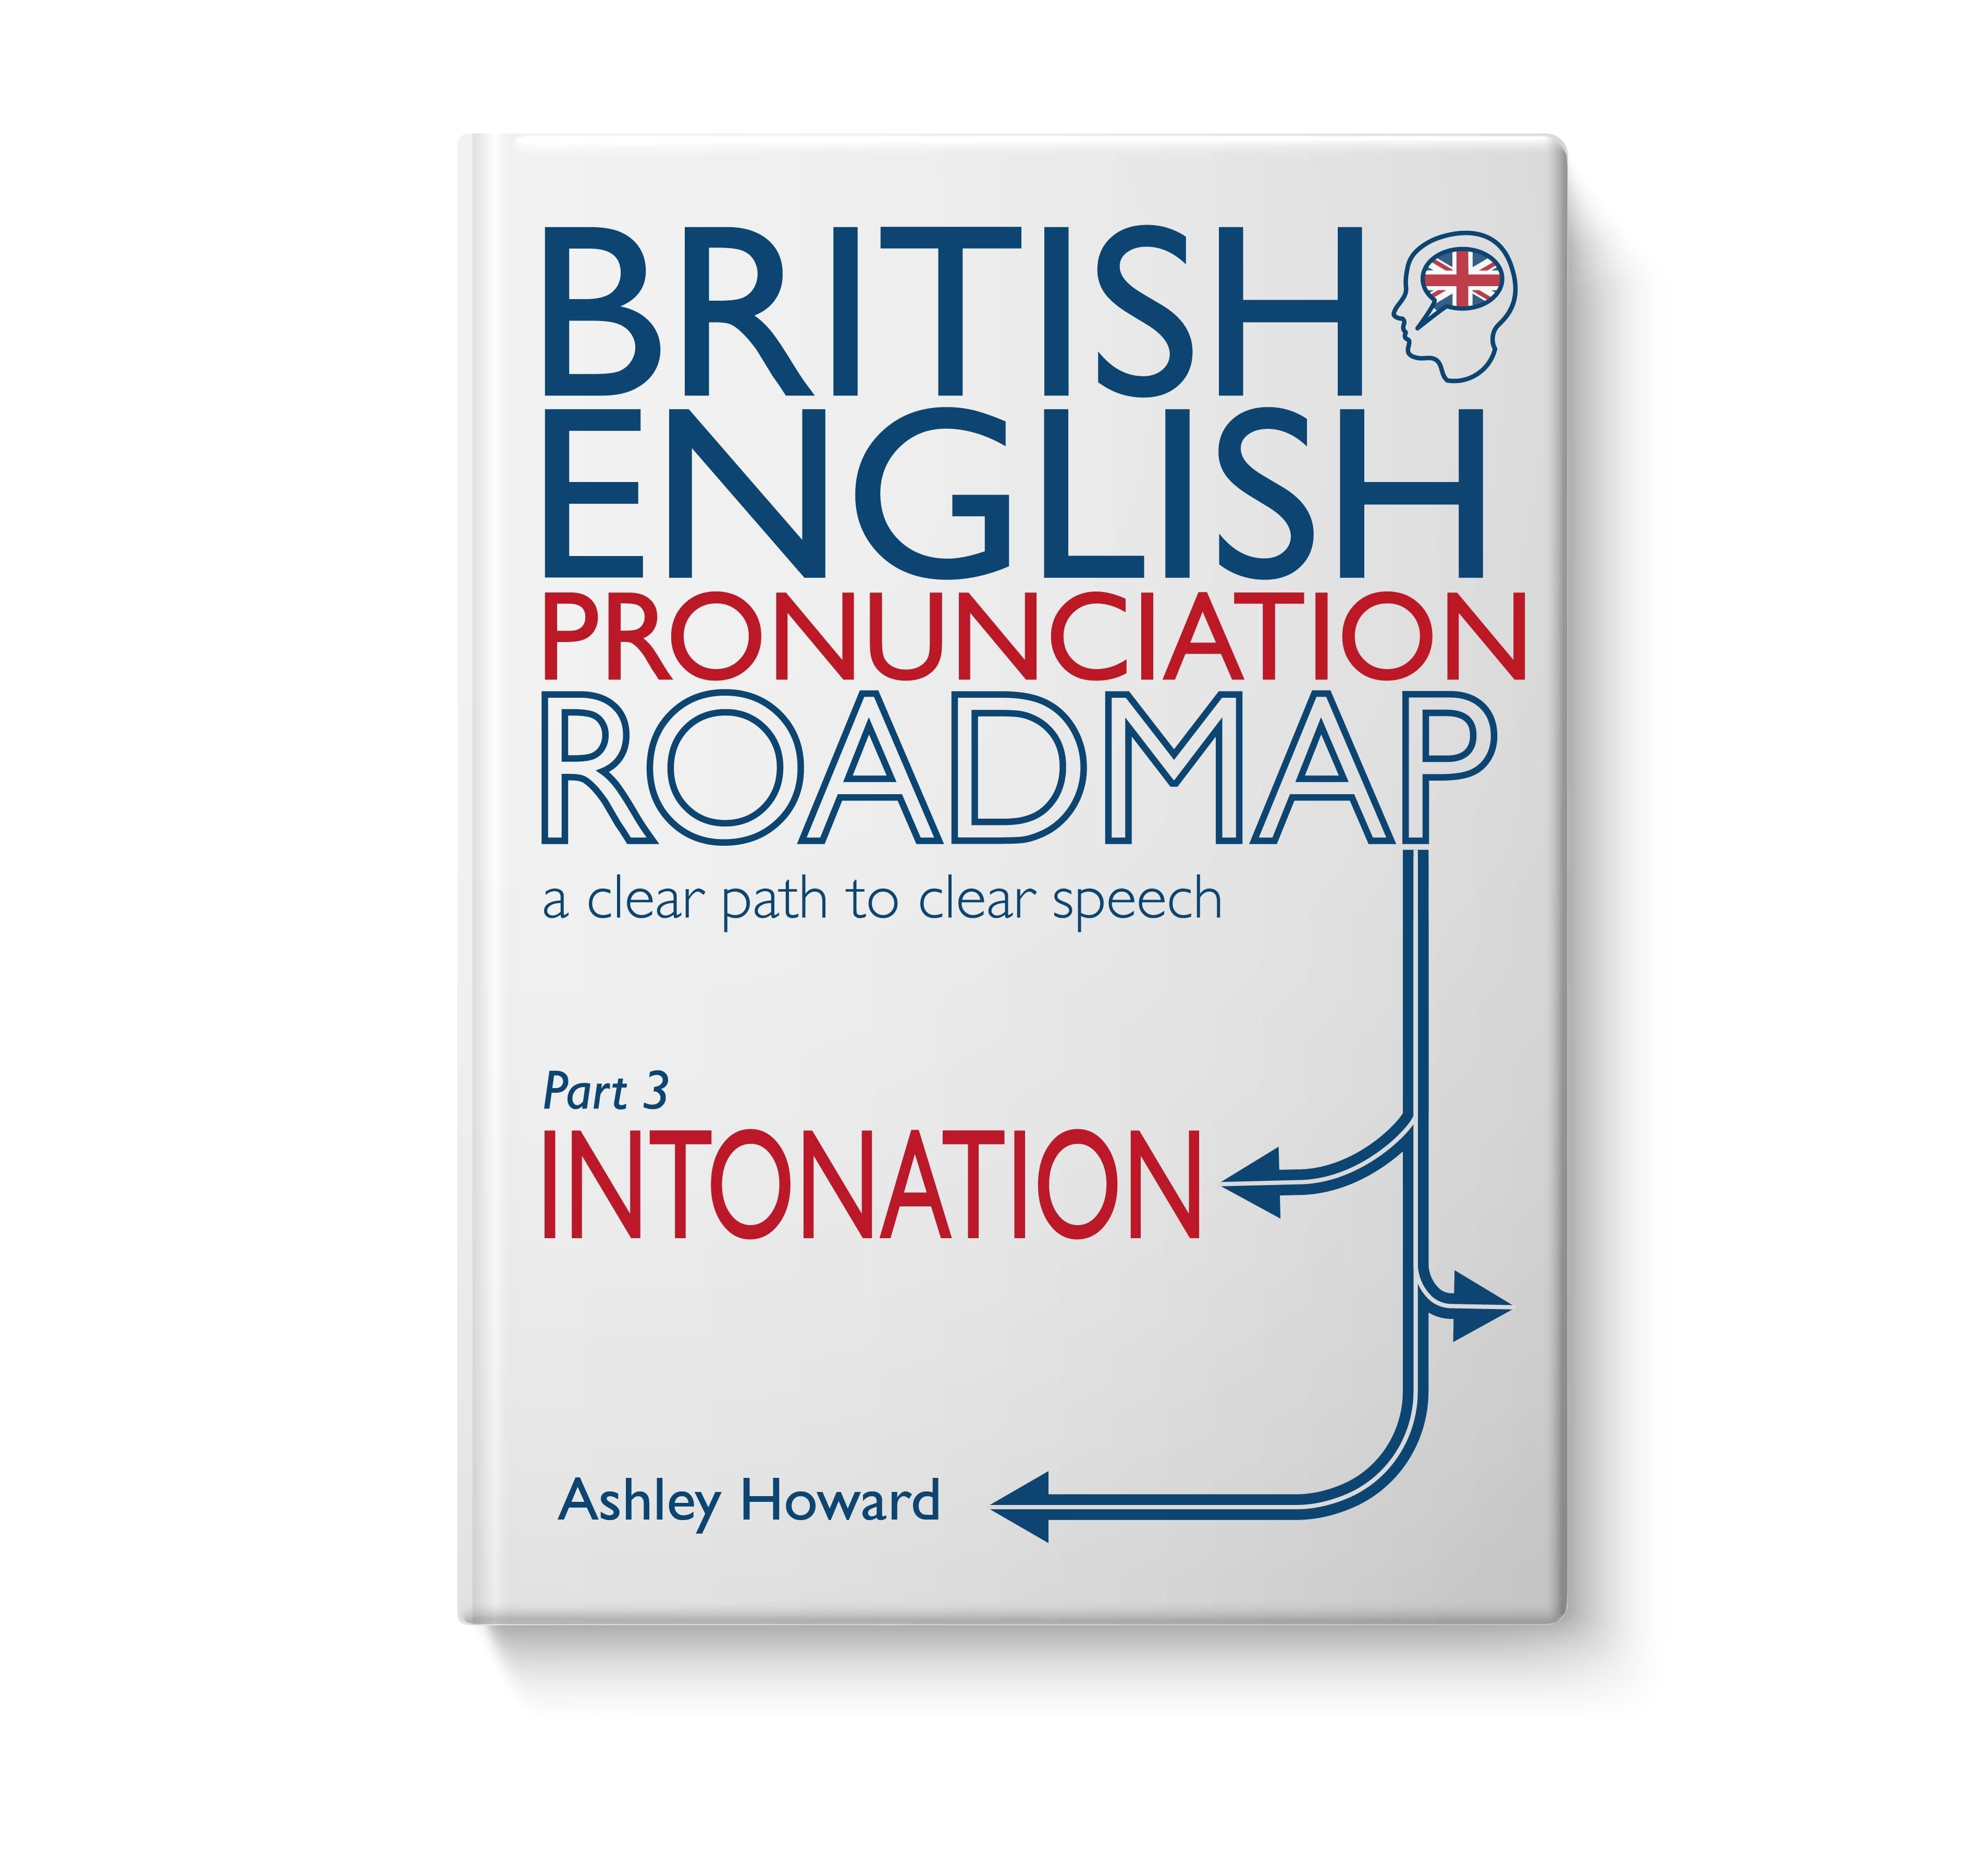 British English Pronunciation Roadmap